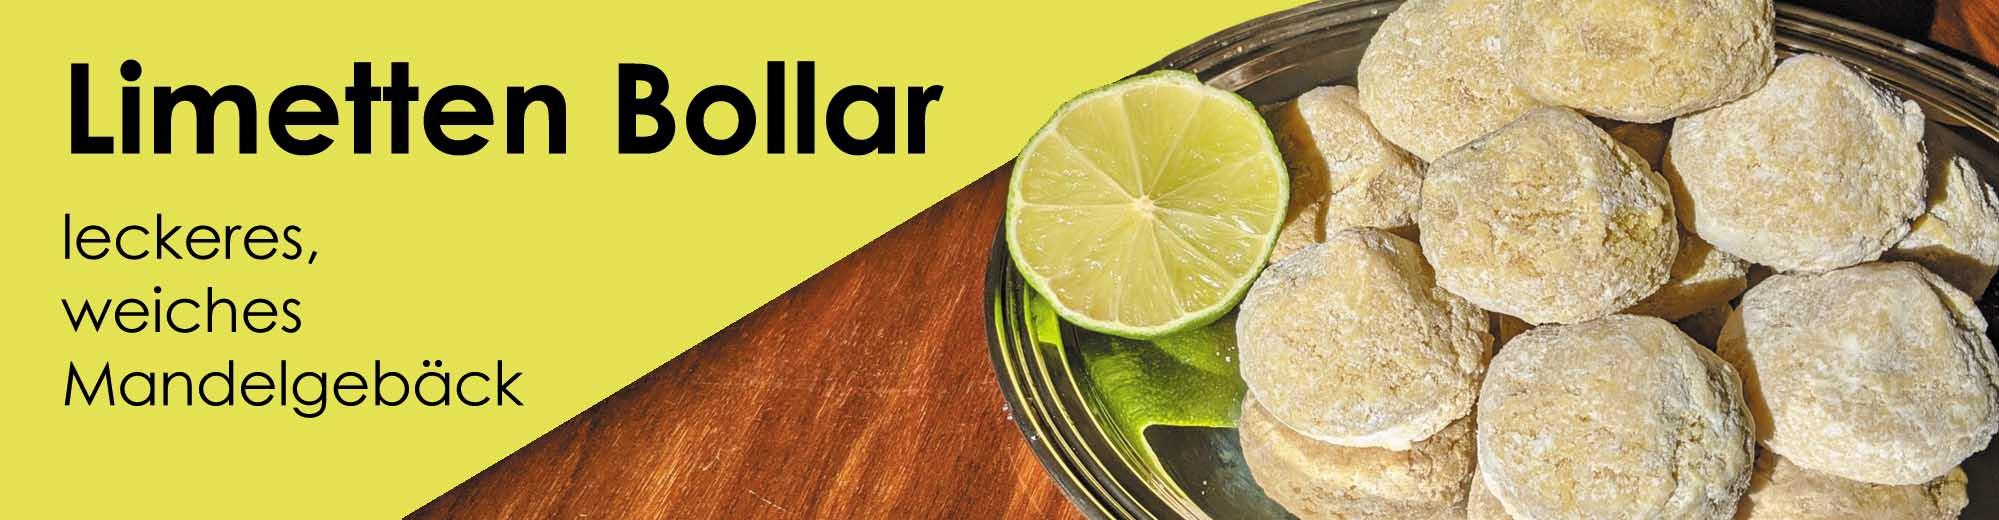 italienisches Mandelgebäck - Limetten Bollar